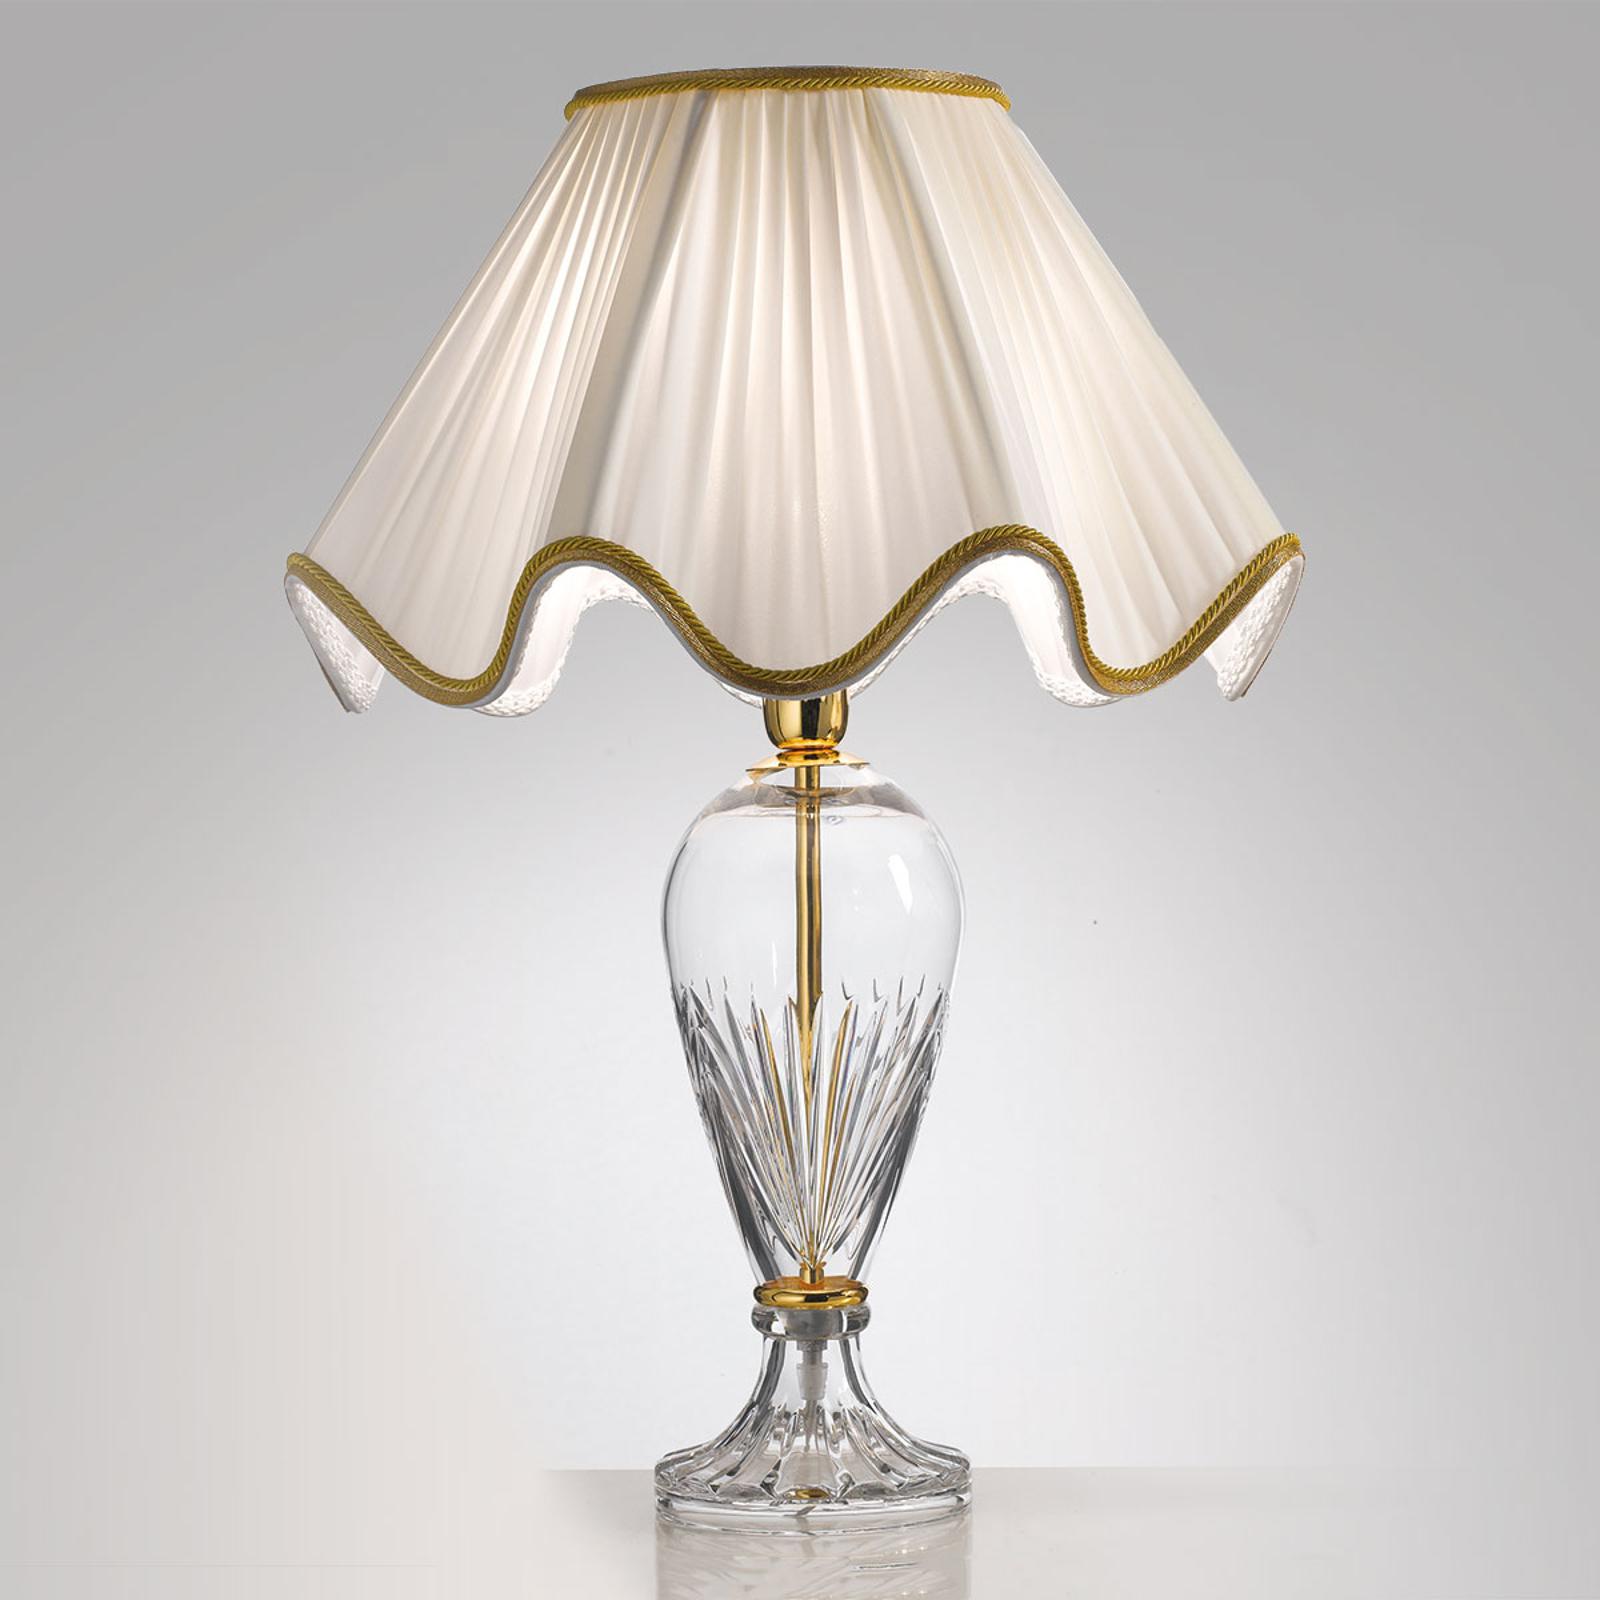 Stolná lampa Belle Epoque, 50cm zlatá_2008190_1